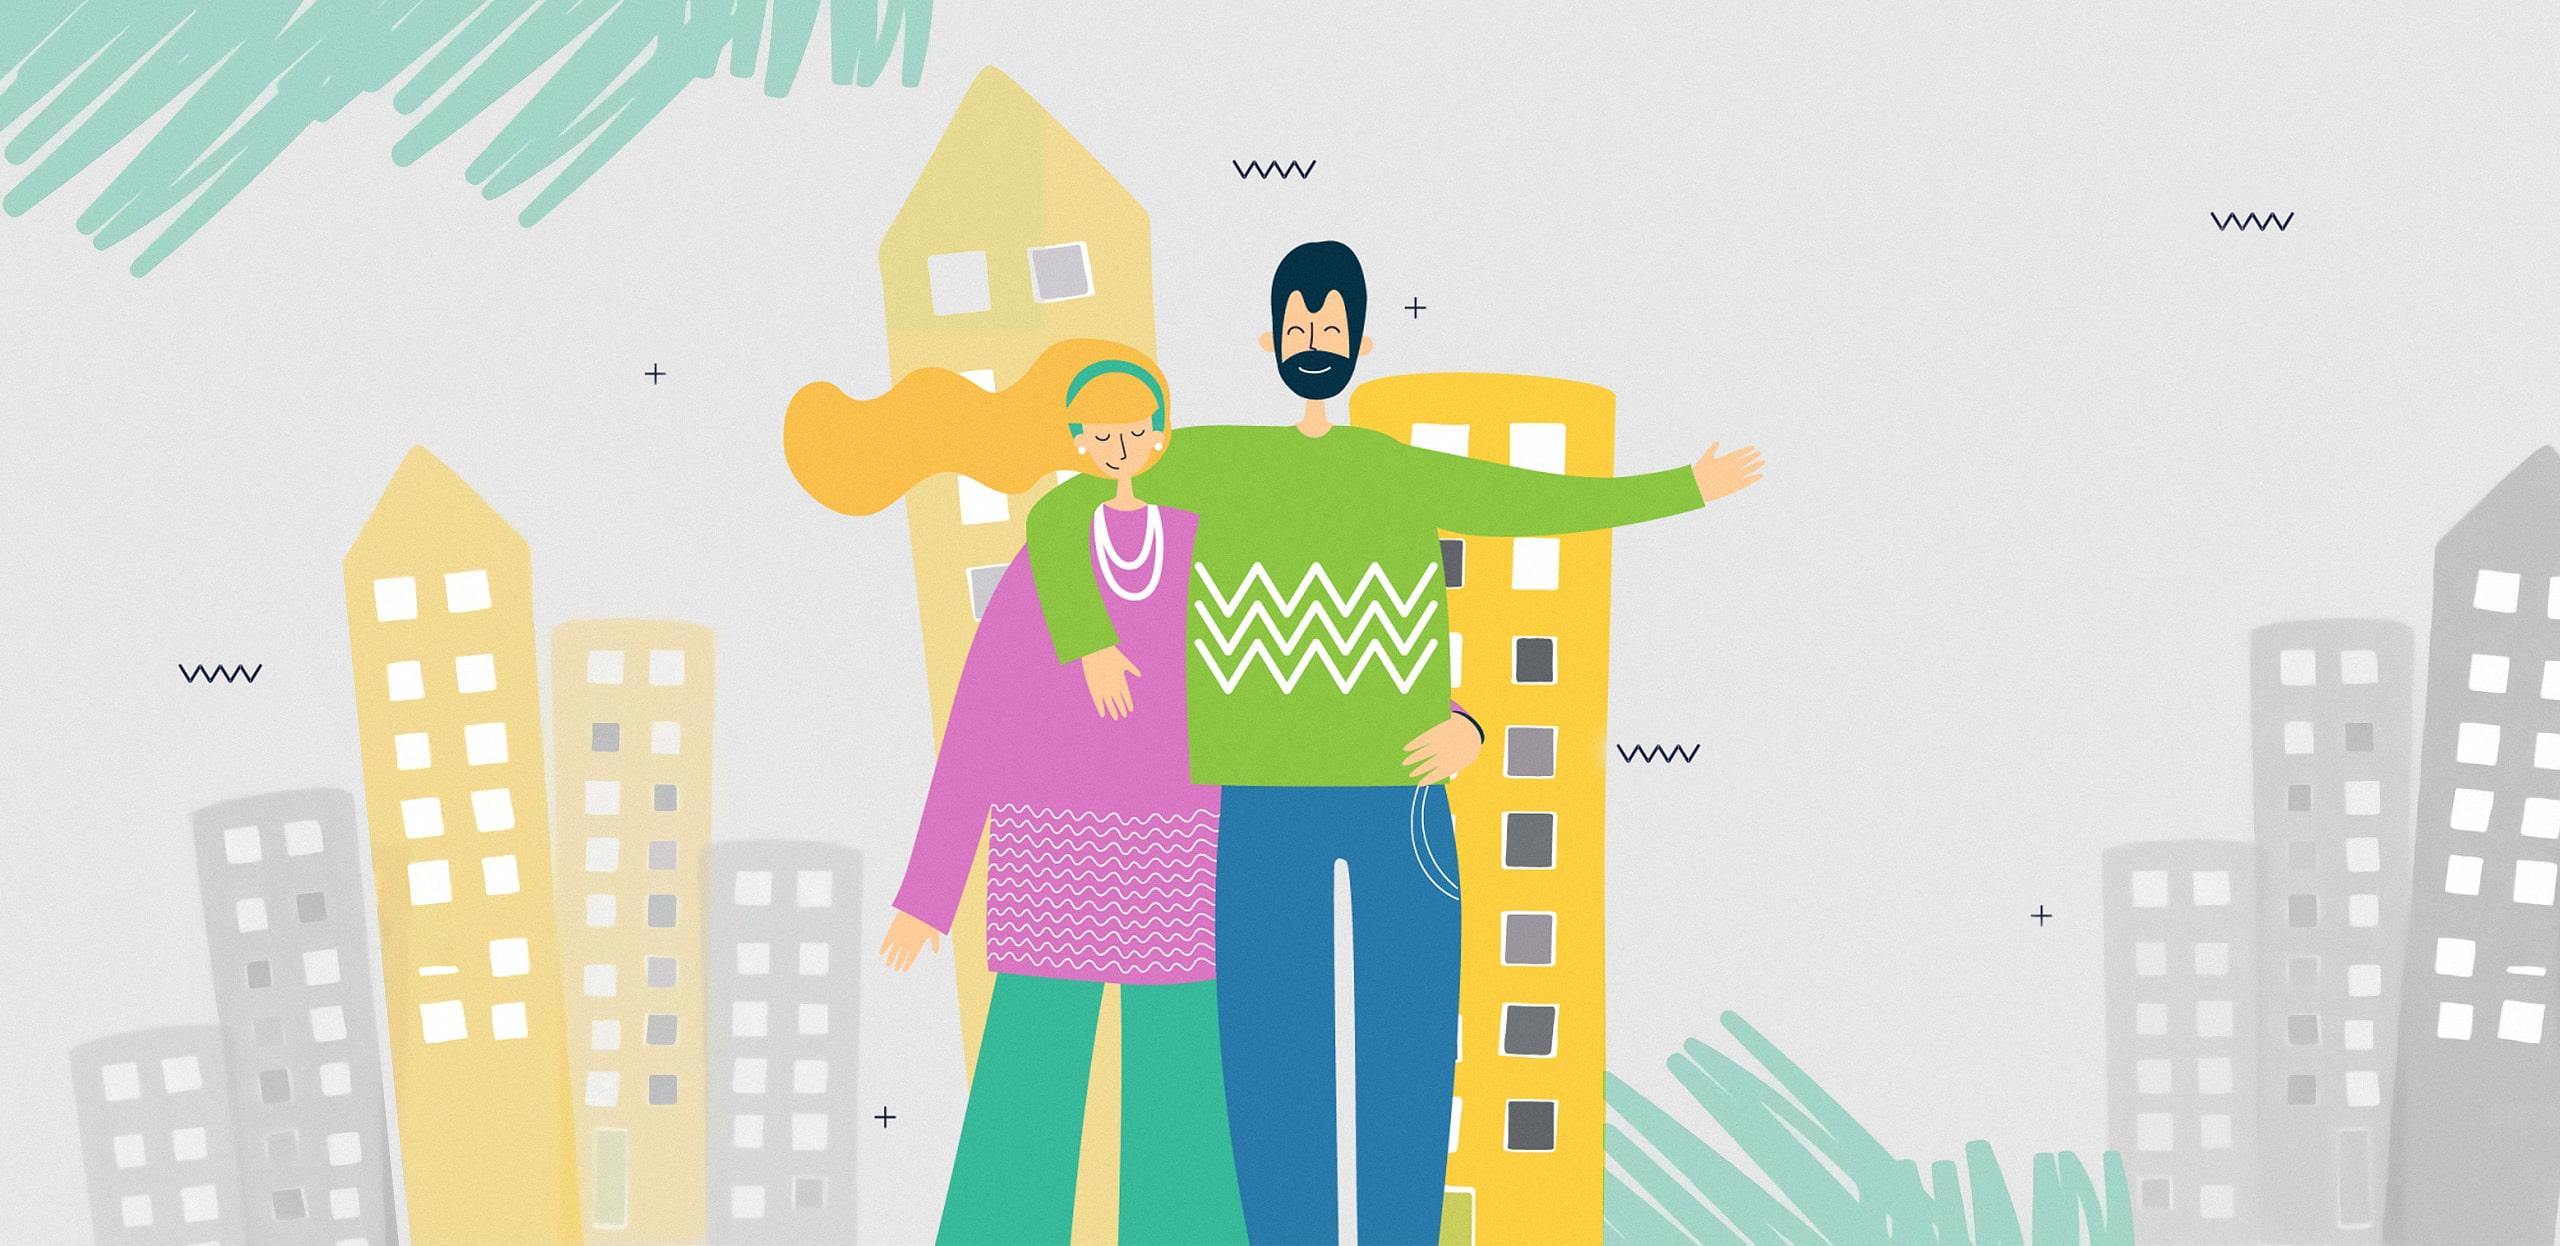 В ОК пройдет Всероссийский экспертный марафон по ипотеке